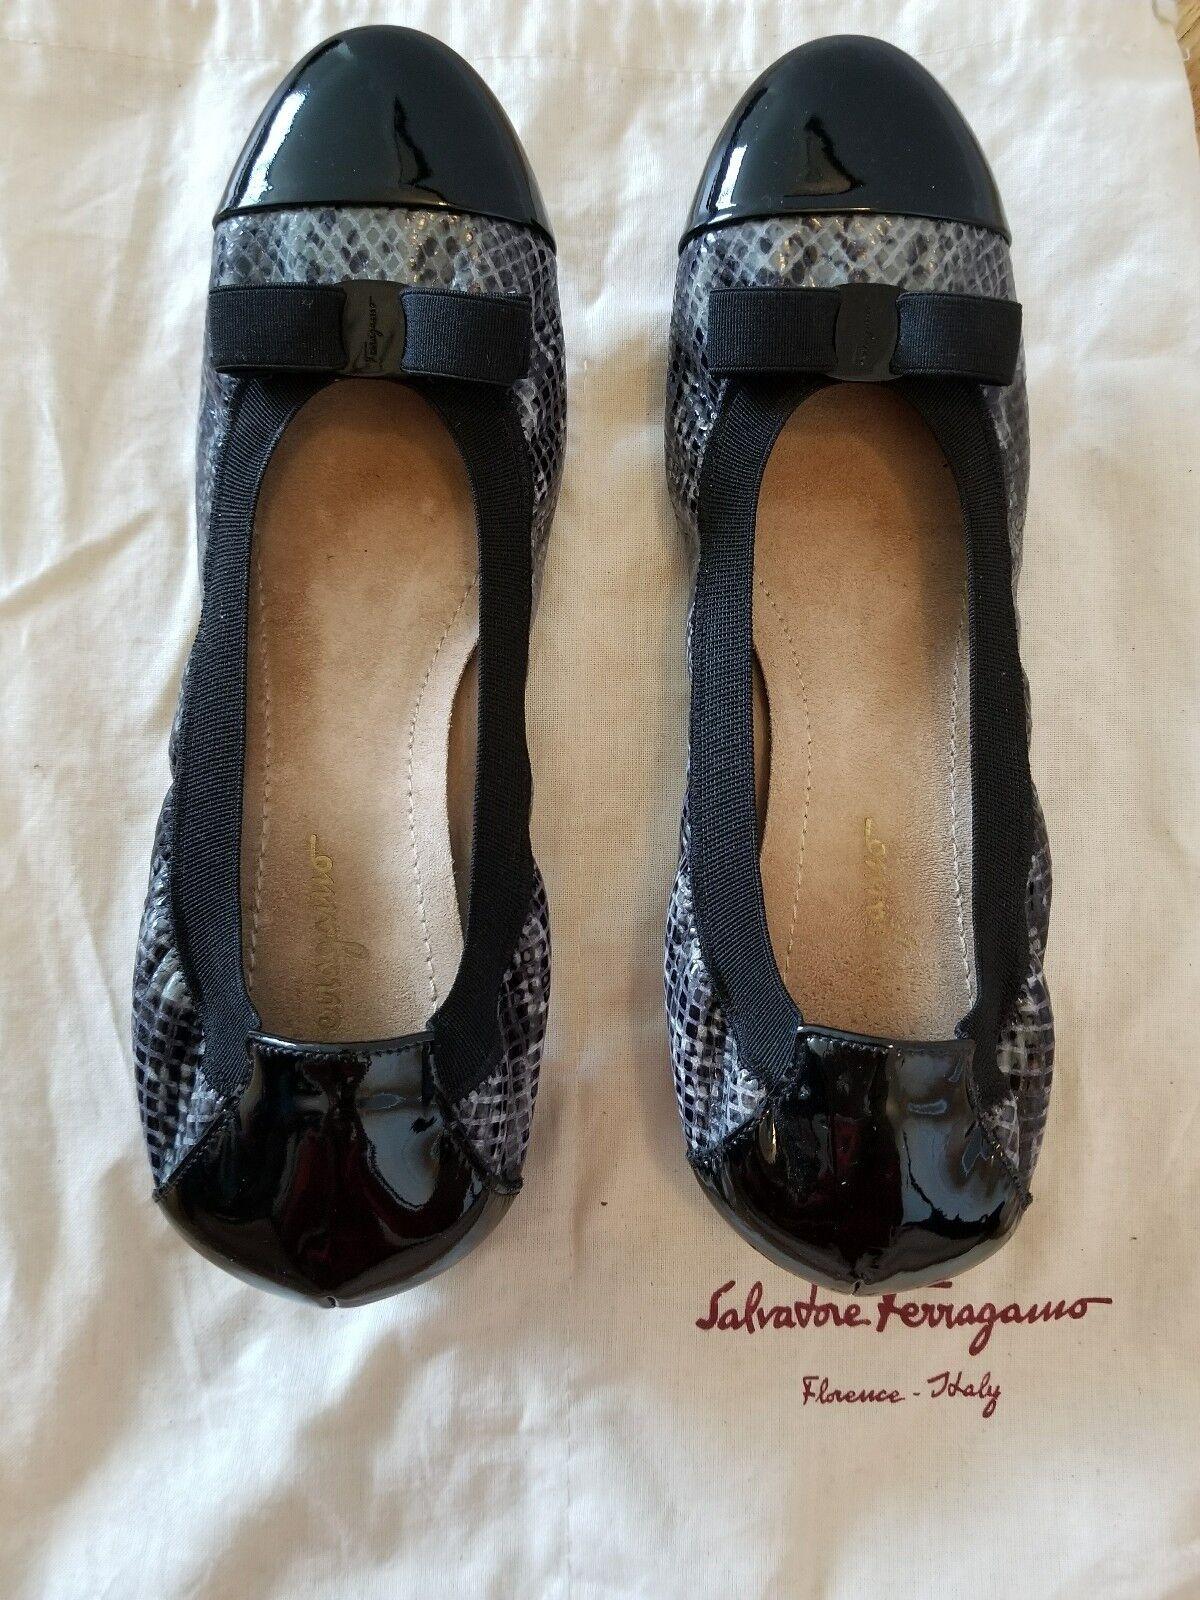 Salvatore Salvatore Salvatore Ferragamo Zapatos 7.5 Negro y gris  ventas en linea